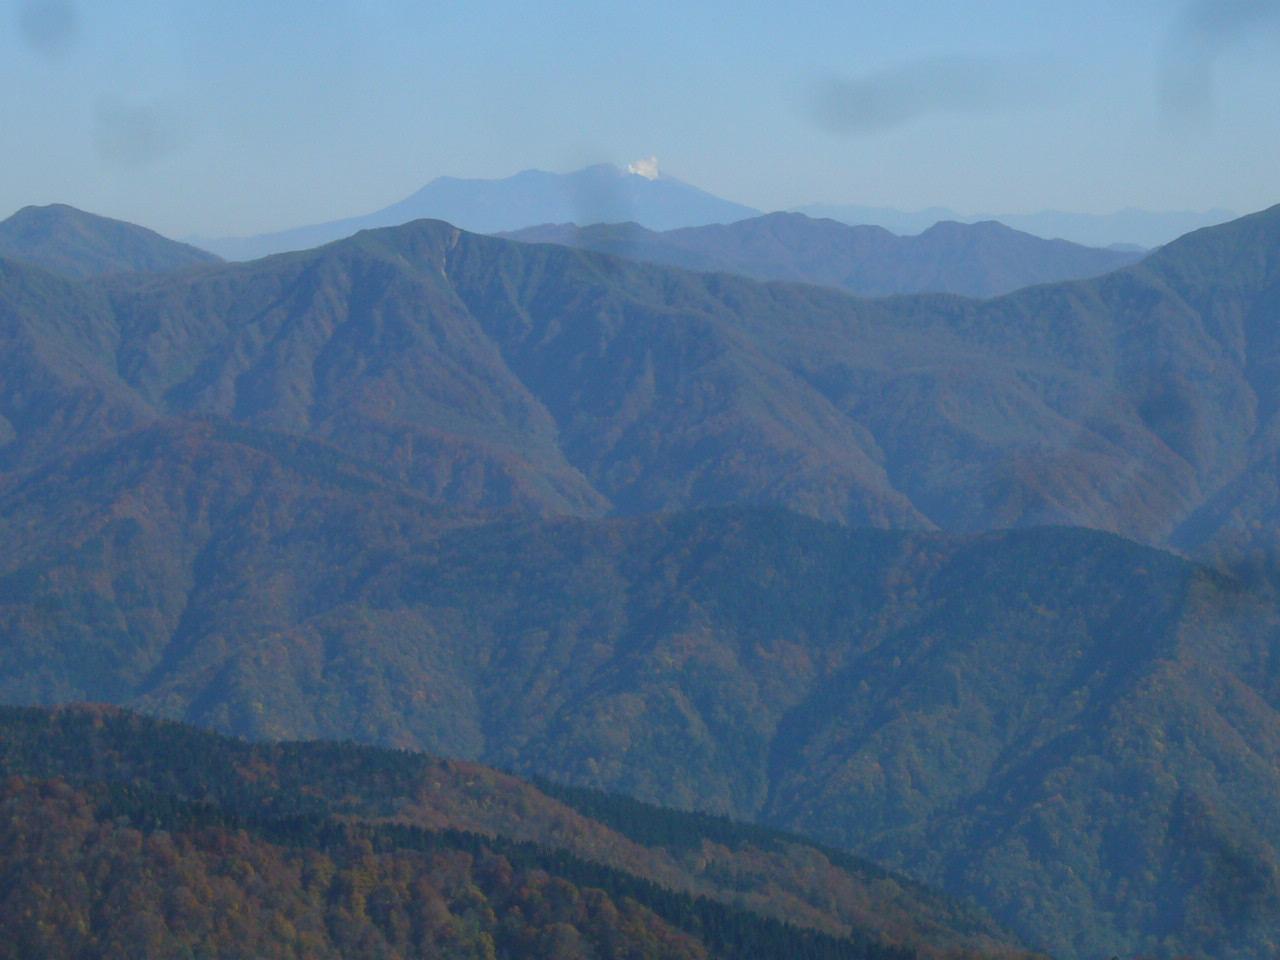 経ヶ岳より御嶽山噴煙 H26.10.29撮影